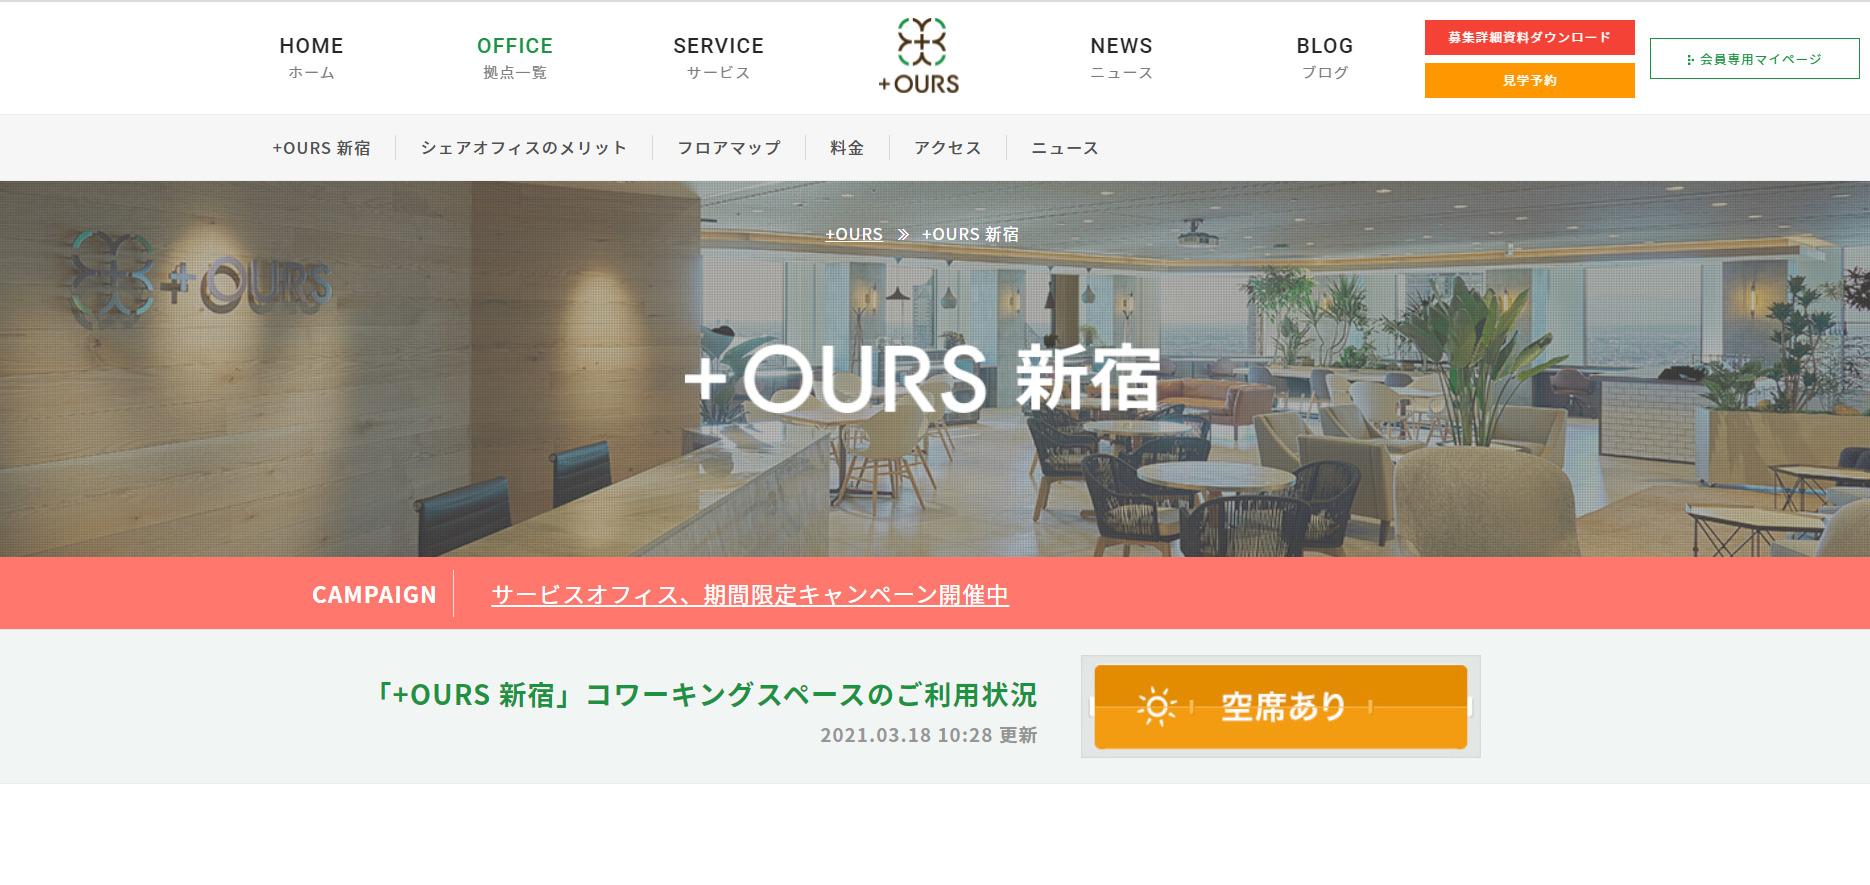 シェアオフィス +OURS 新宿